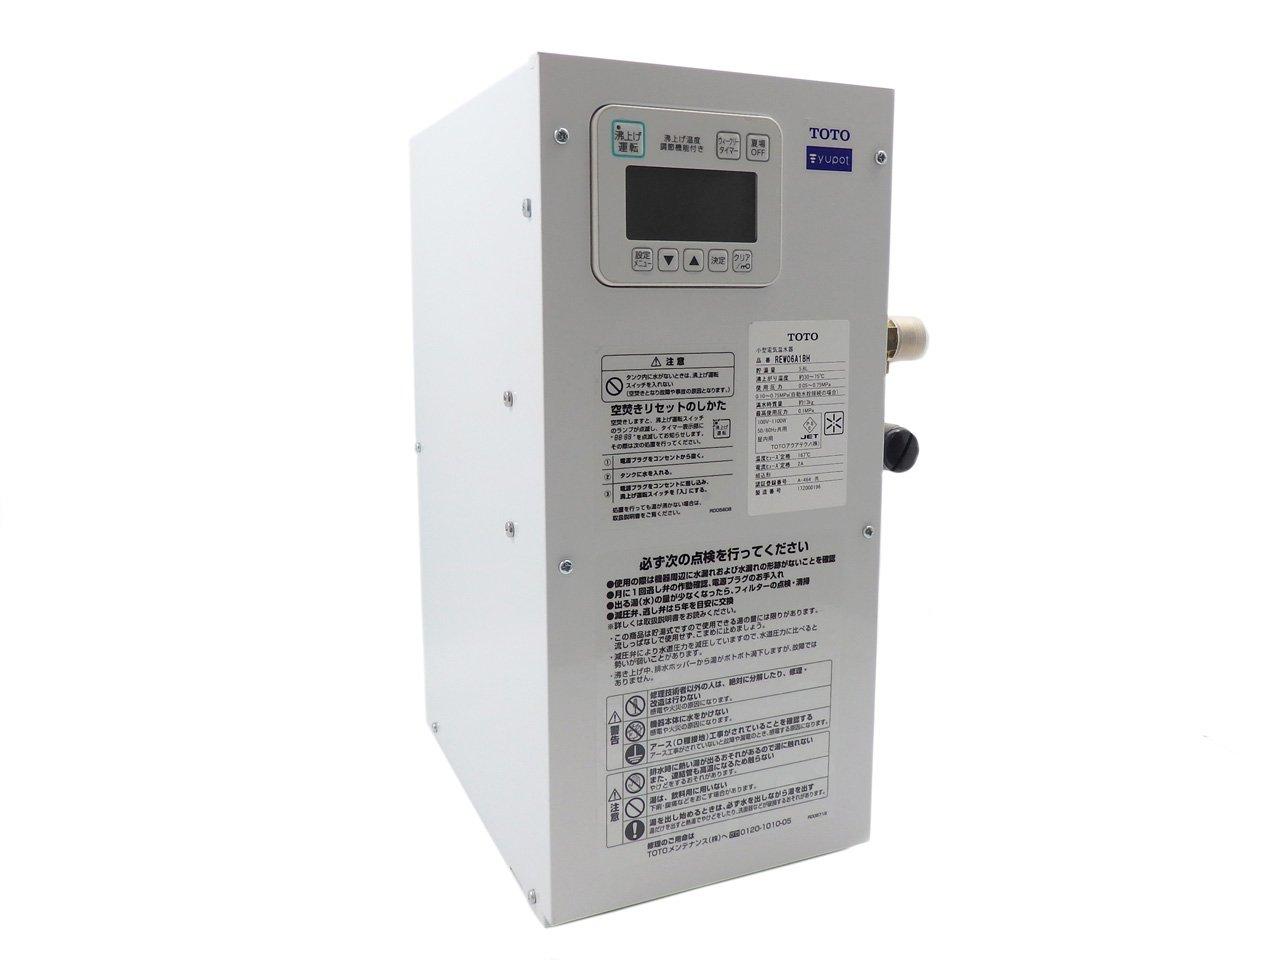 TOTO 小型電気温水器 REW06A1BH B07BT6W372